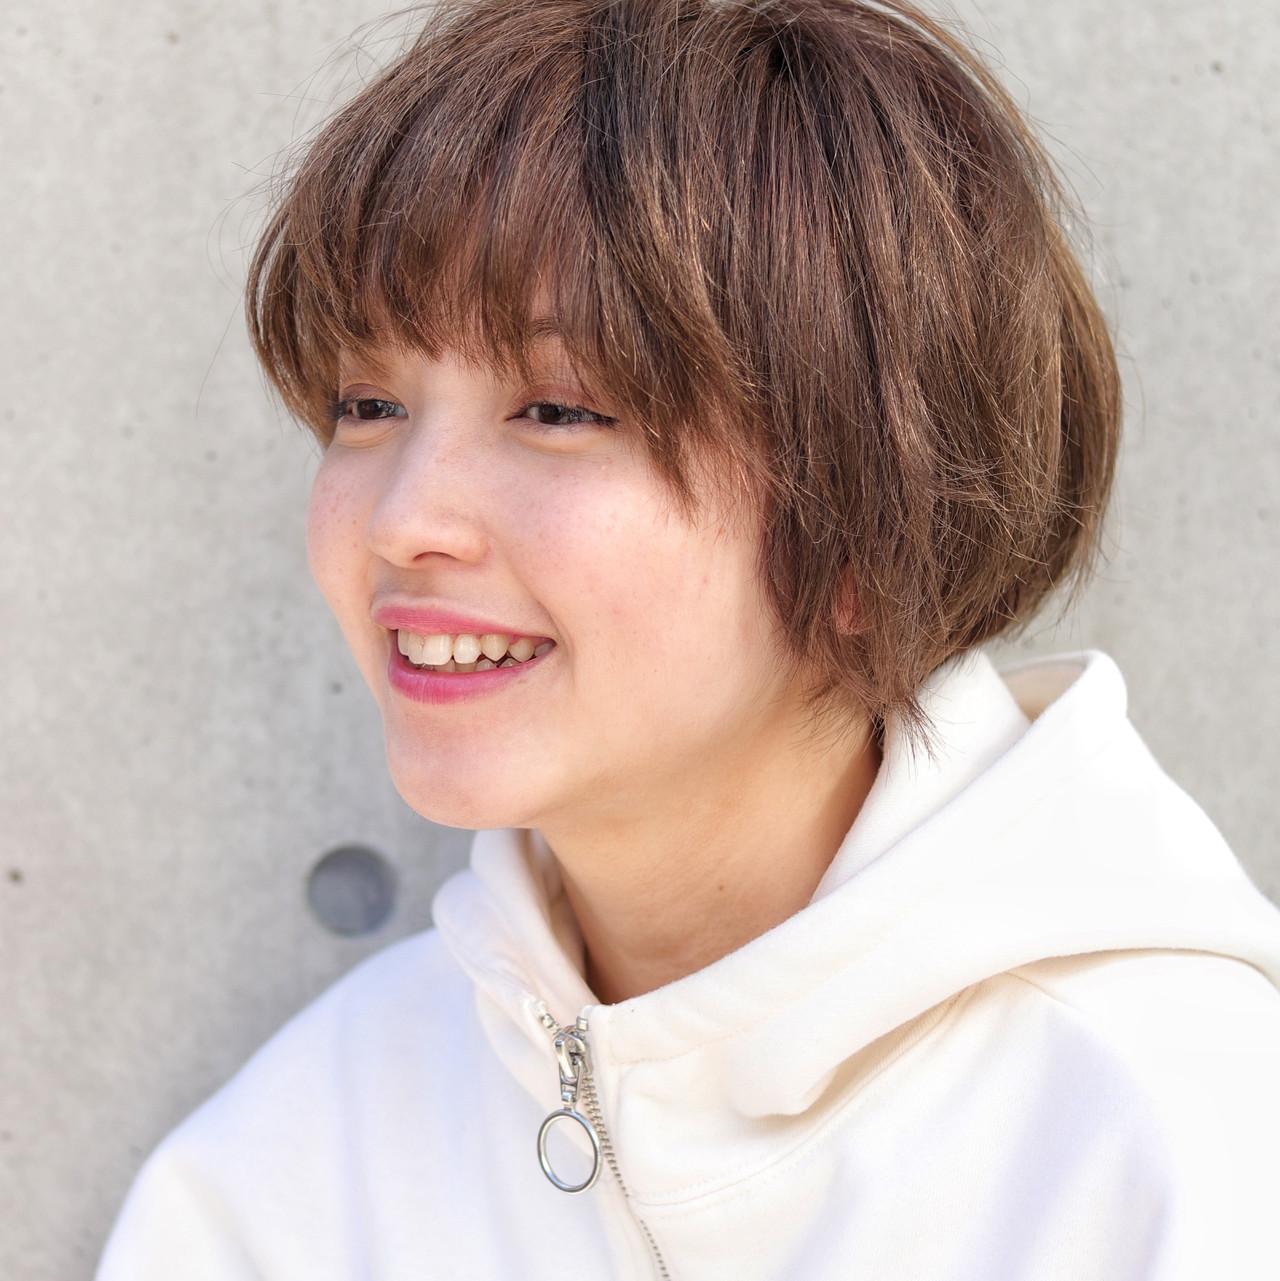 スポーツ ストリート ショート デート ヘアスタイルや髪型の写真・画像 | 大塚孝範 / hair salon ing (ヘア サロン イング)